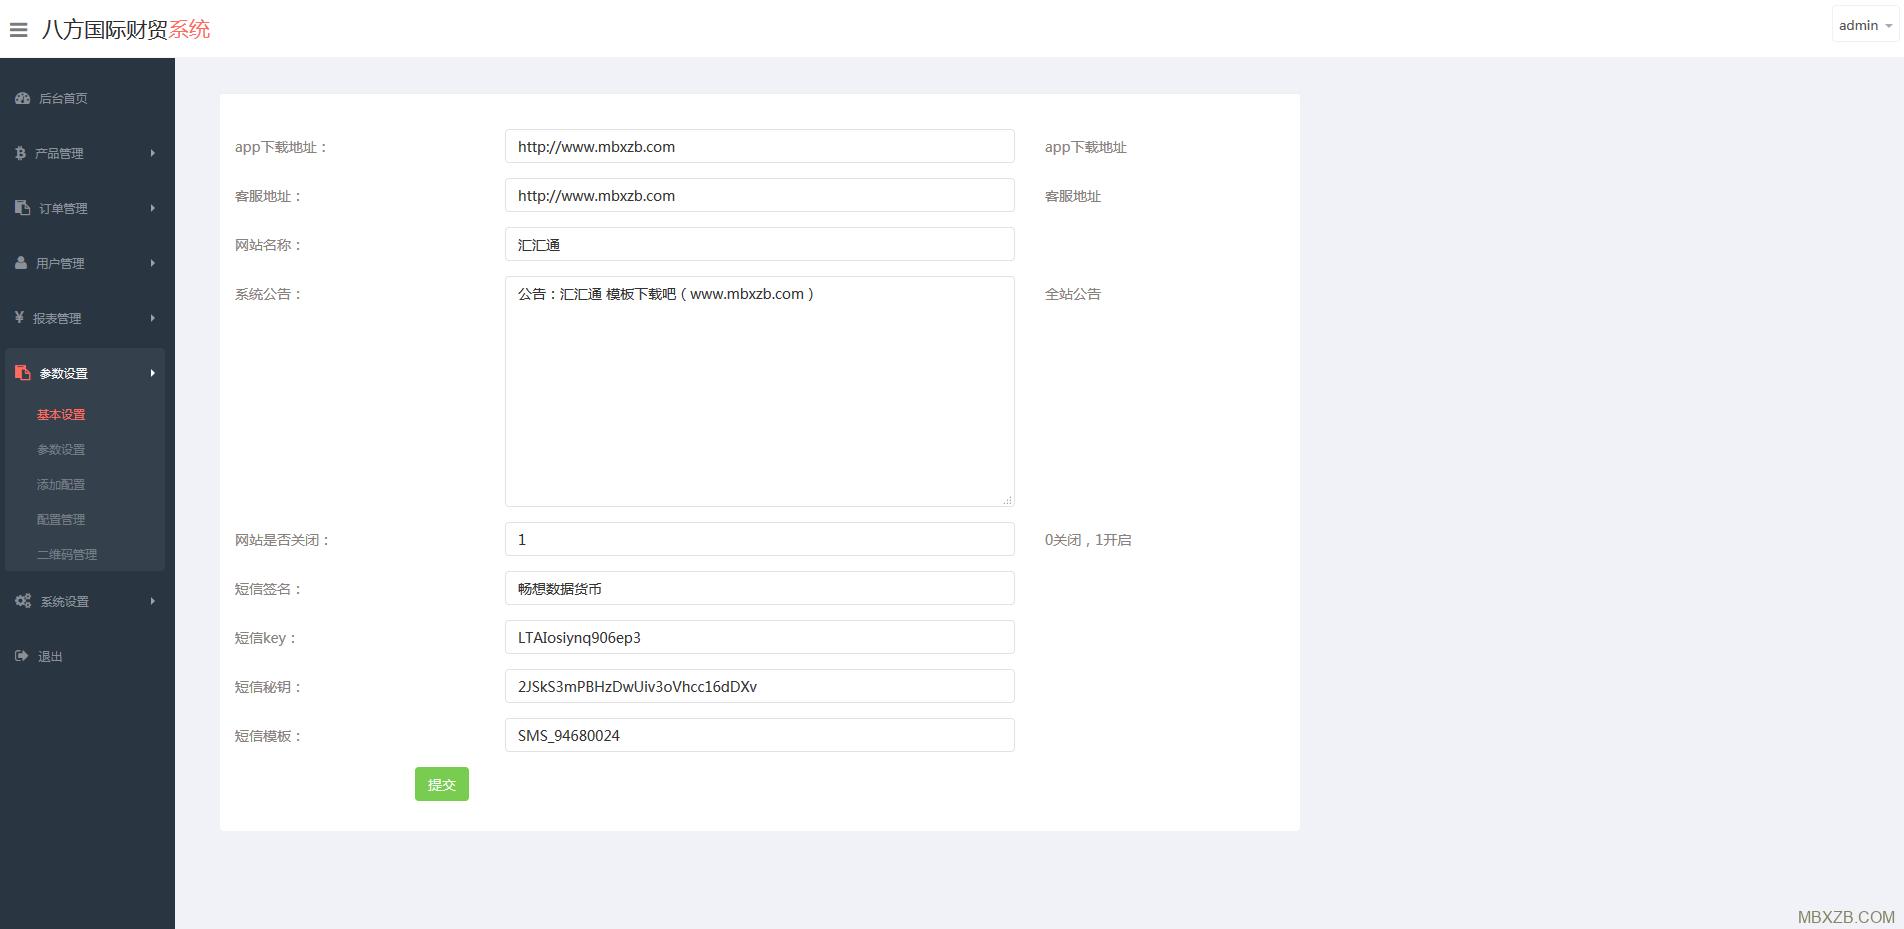 8月最新汇汇通微盘系统源码(支付完美运营版+完整数据+K线正常+3种语言)